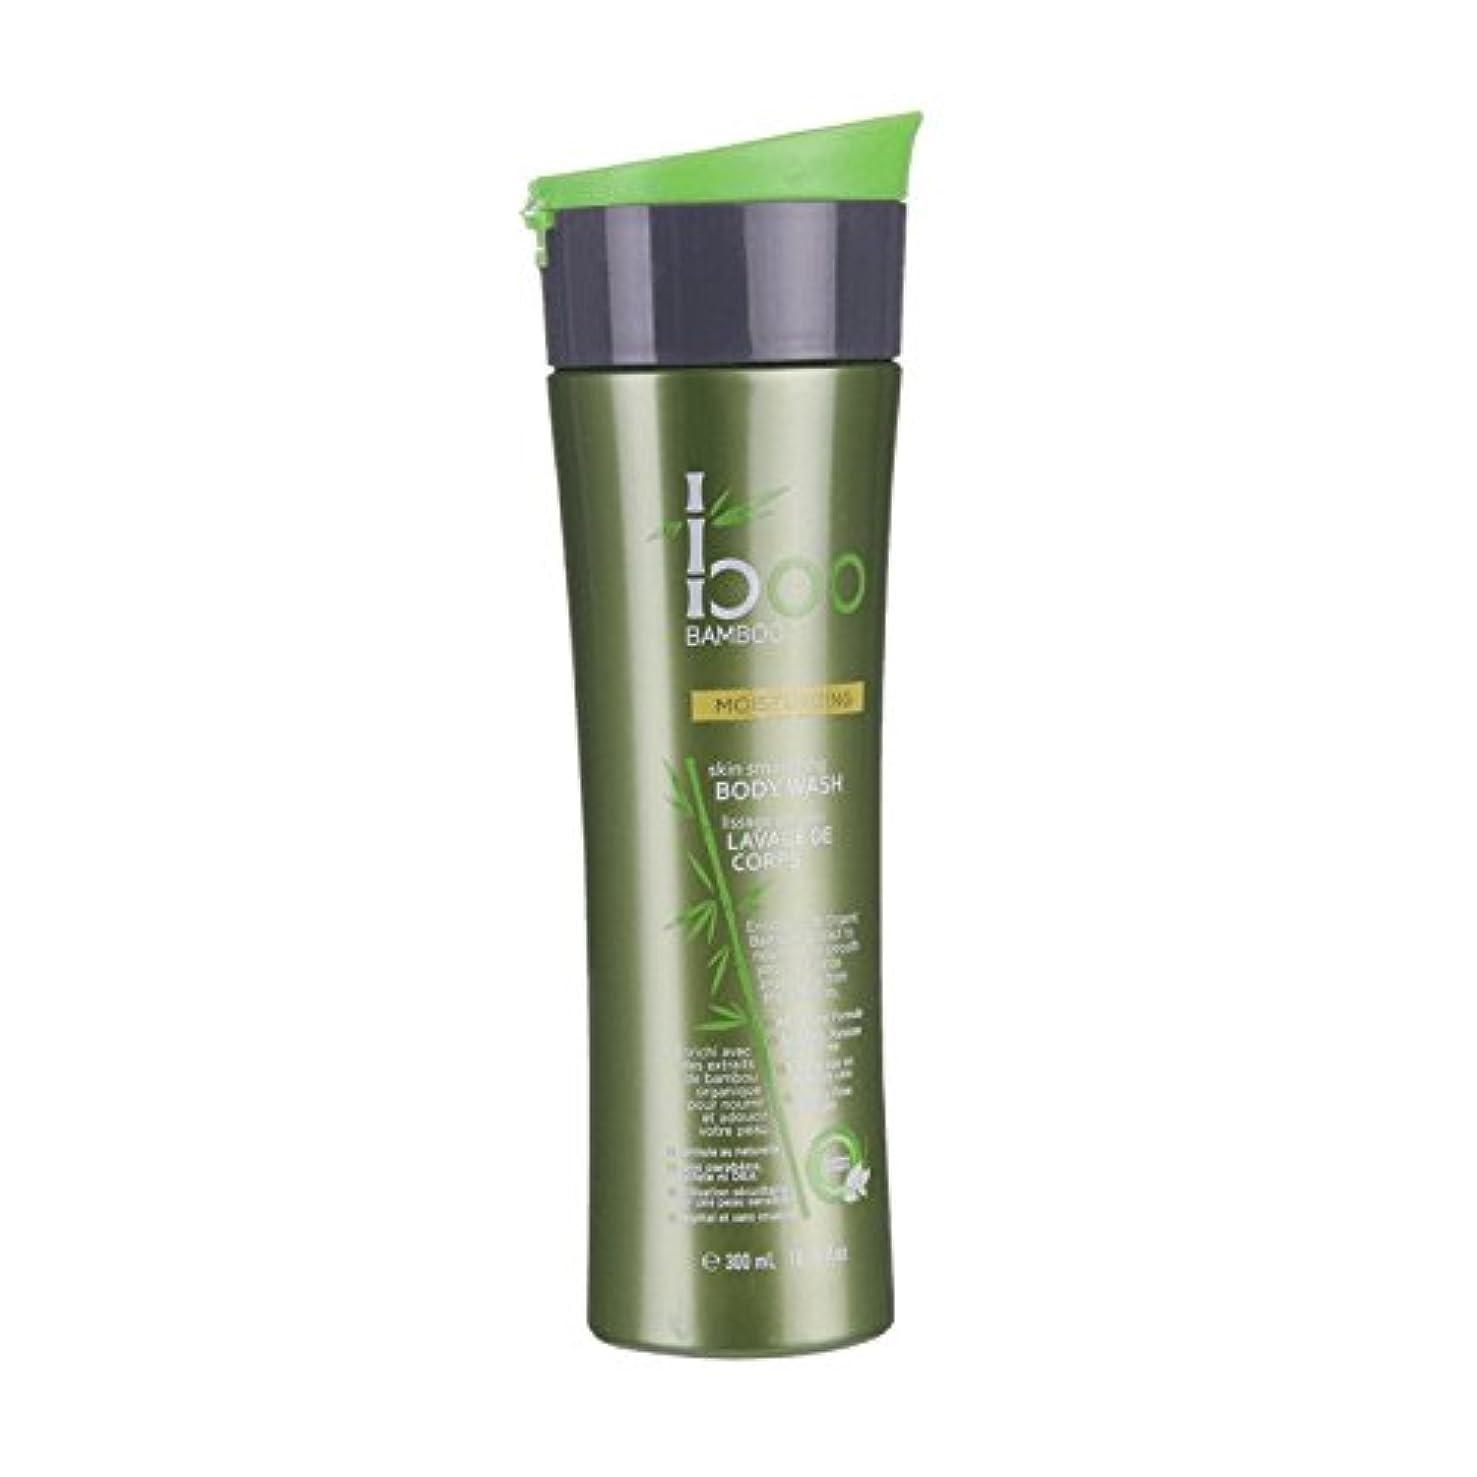 作成者メロディー進化Boo Bamboo Moist Body Wash 300ml (Pack of 6) - 竹しっとりボディウォッシュ300ミリリットルブーイング (x6) [並行輸入品]